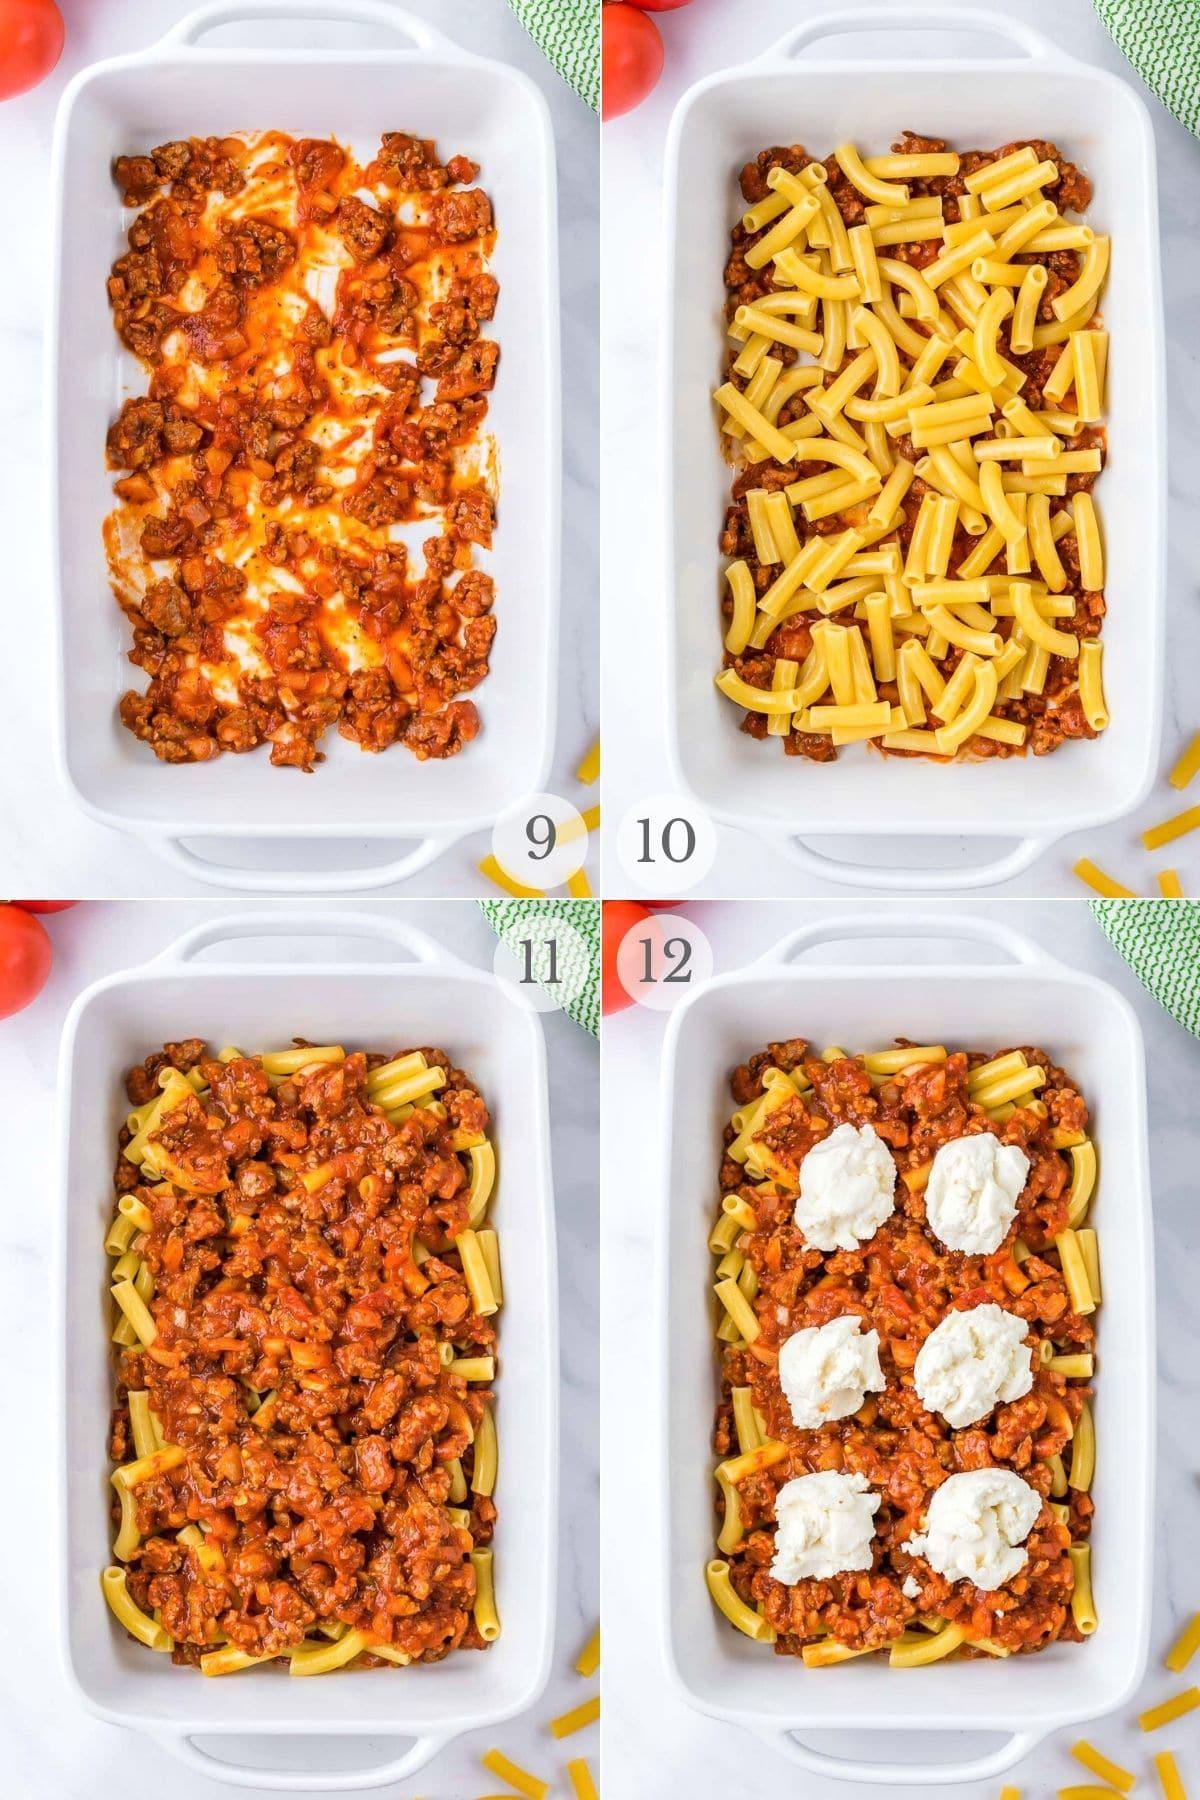 baked ziti recipes steps 9-12